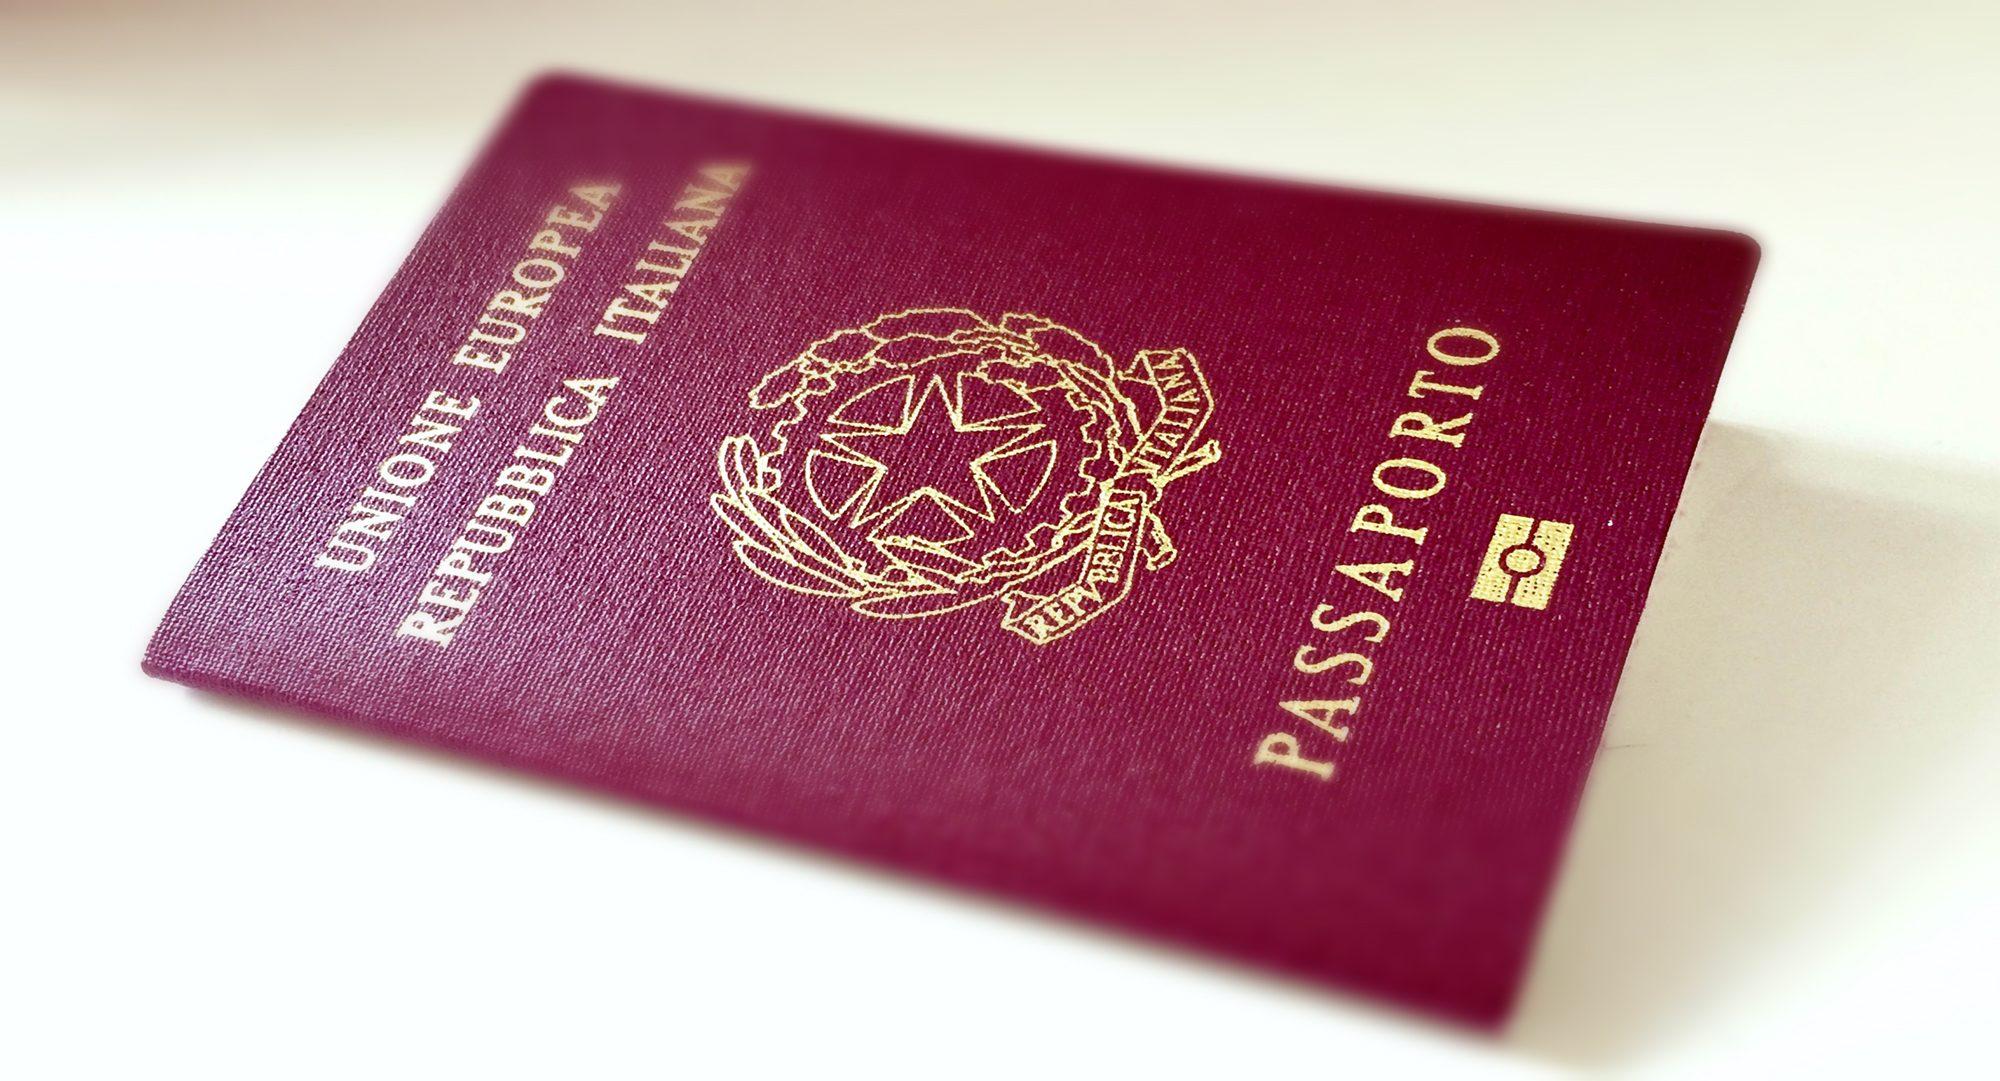 cittadinanza italiana argentina